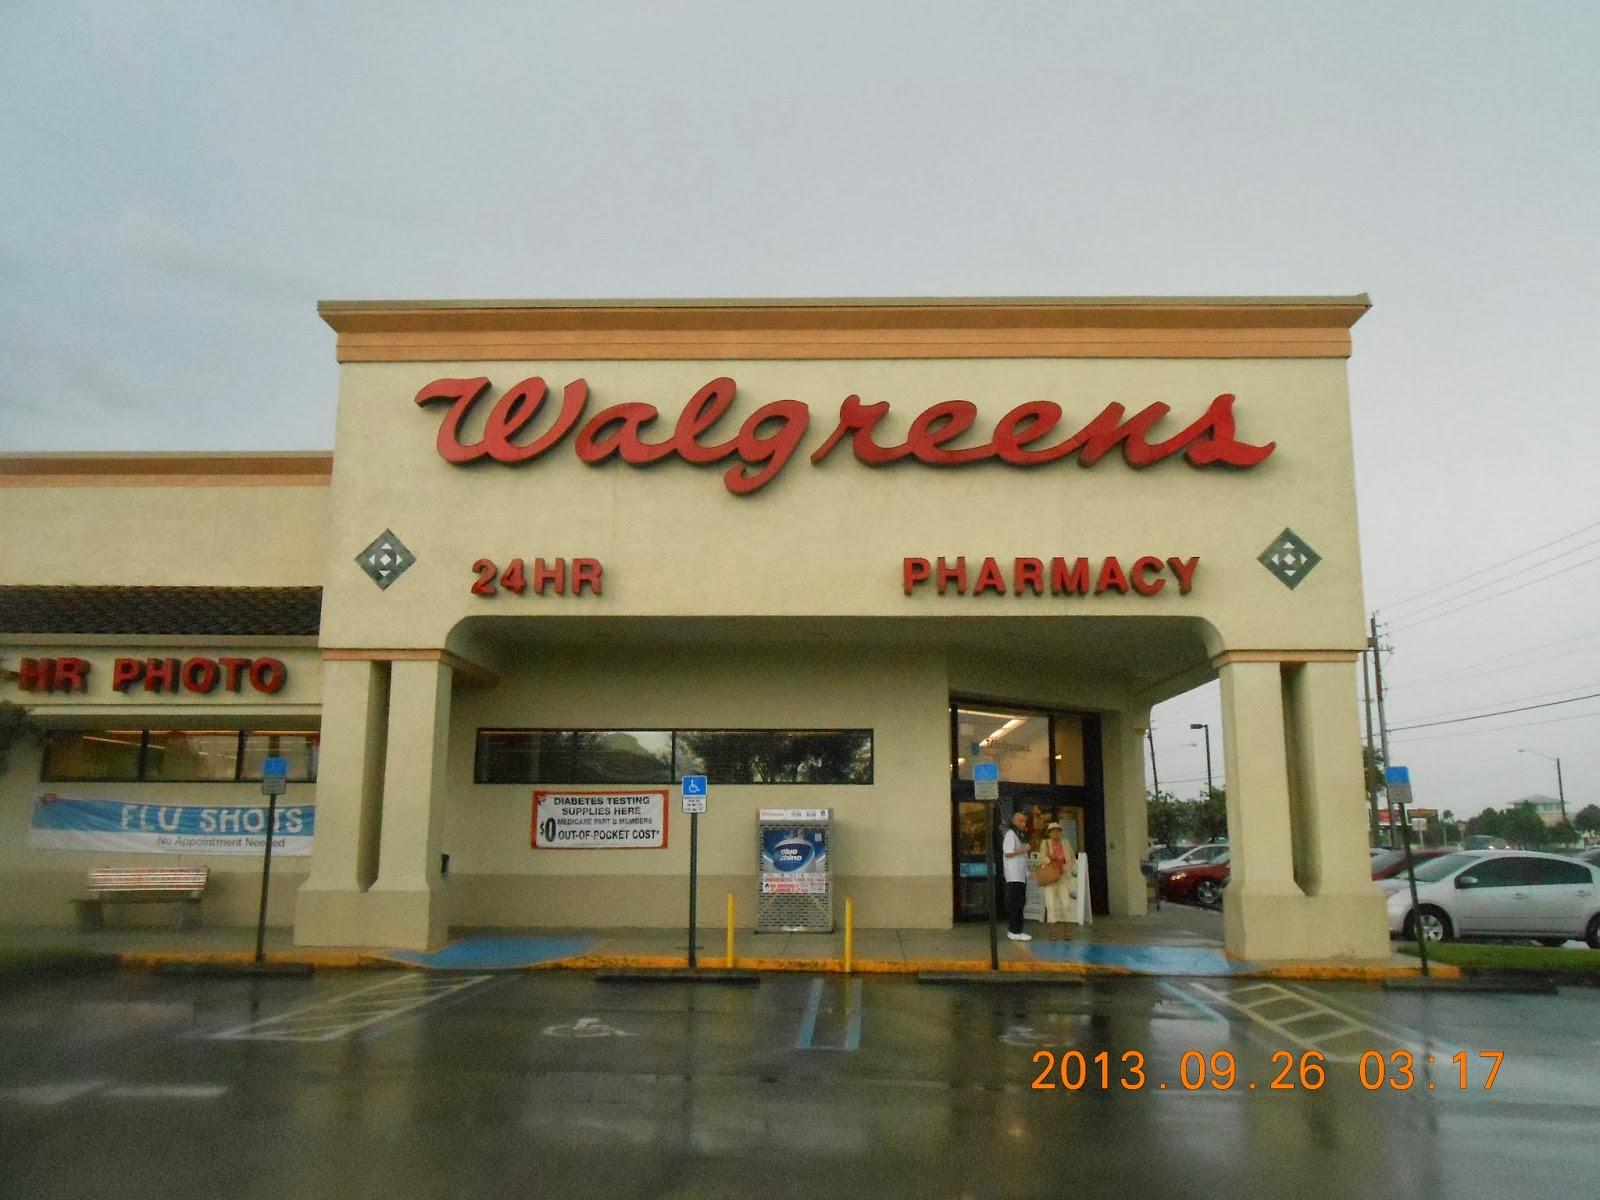 Walgreens Boynton Beach Blvd And Congress